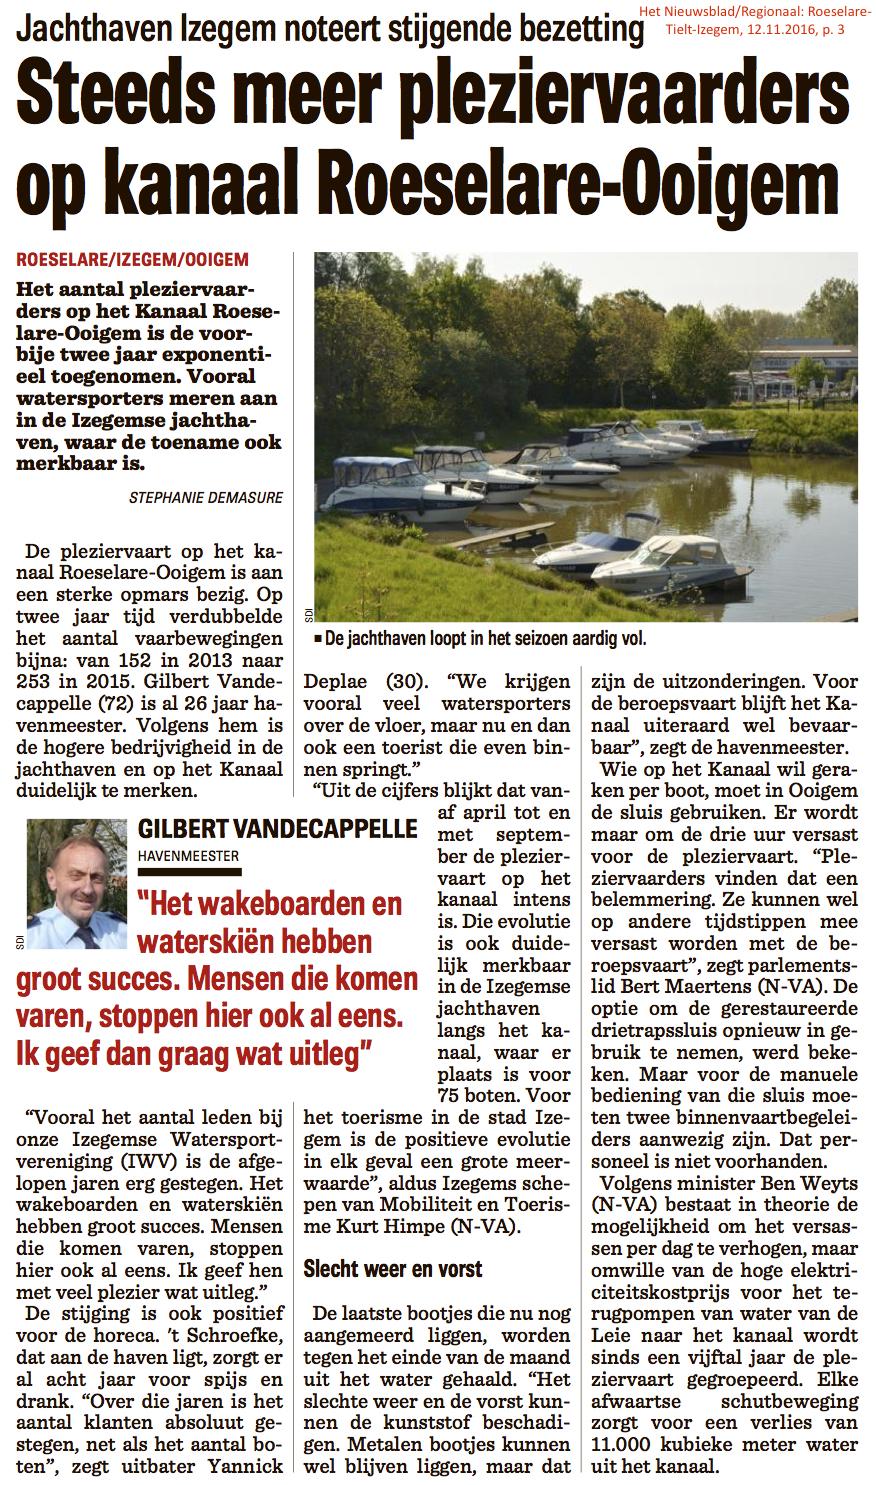 Het Nieuwsblad/Regionaal: Roeselare-Tielt-Izegem, 12.11.2016, p. 3